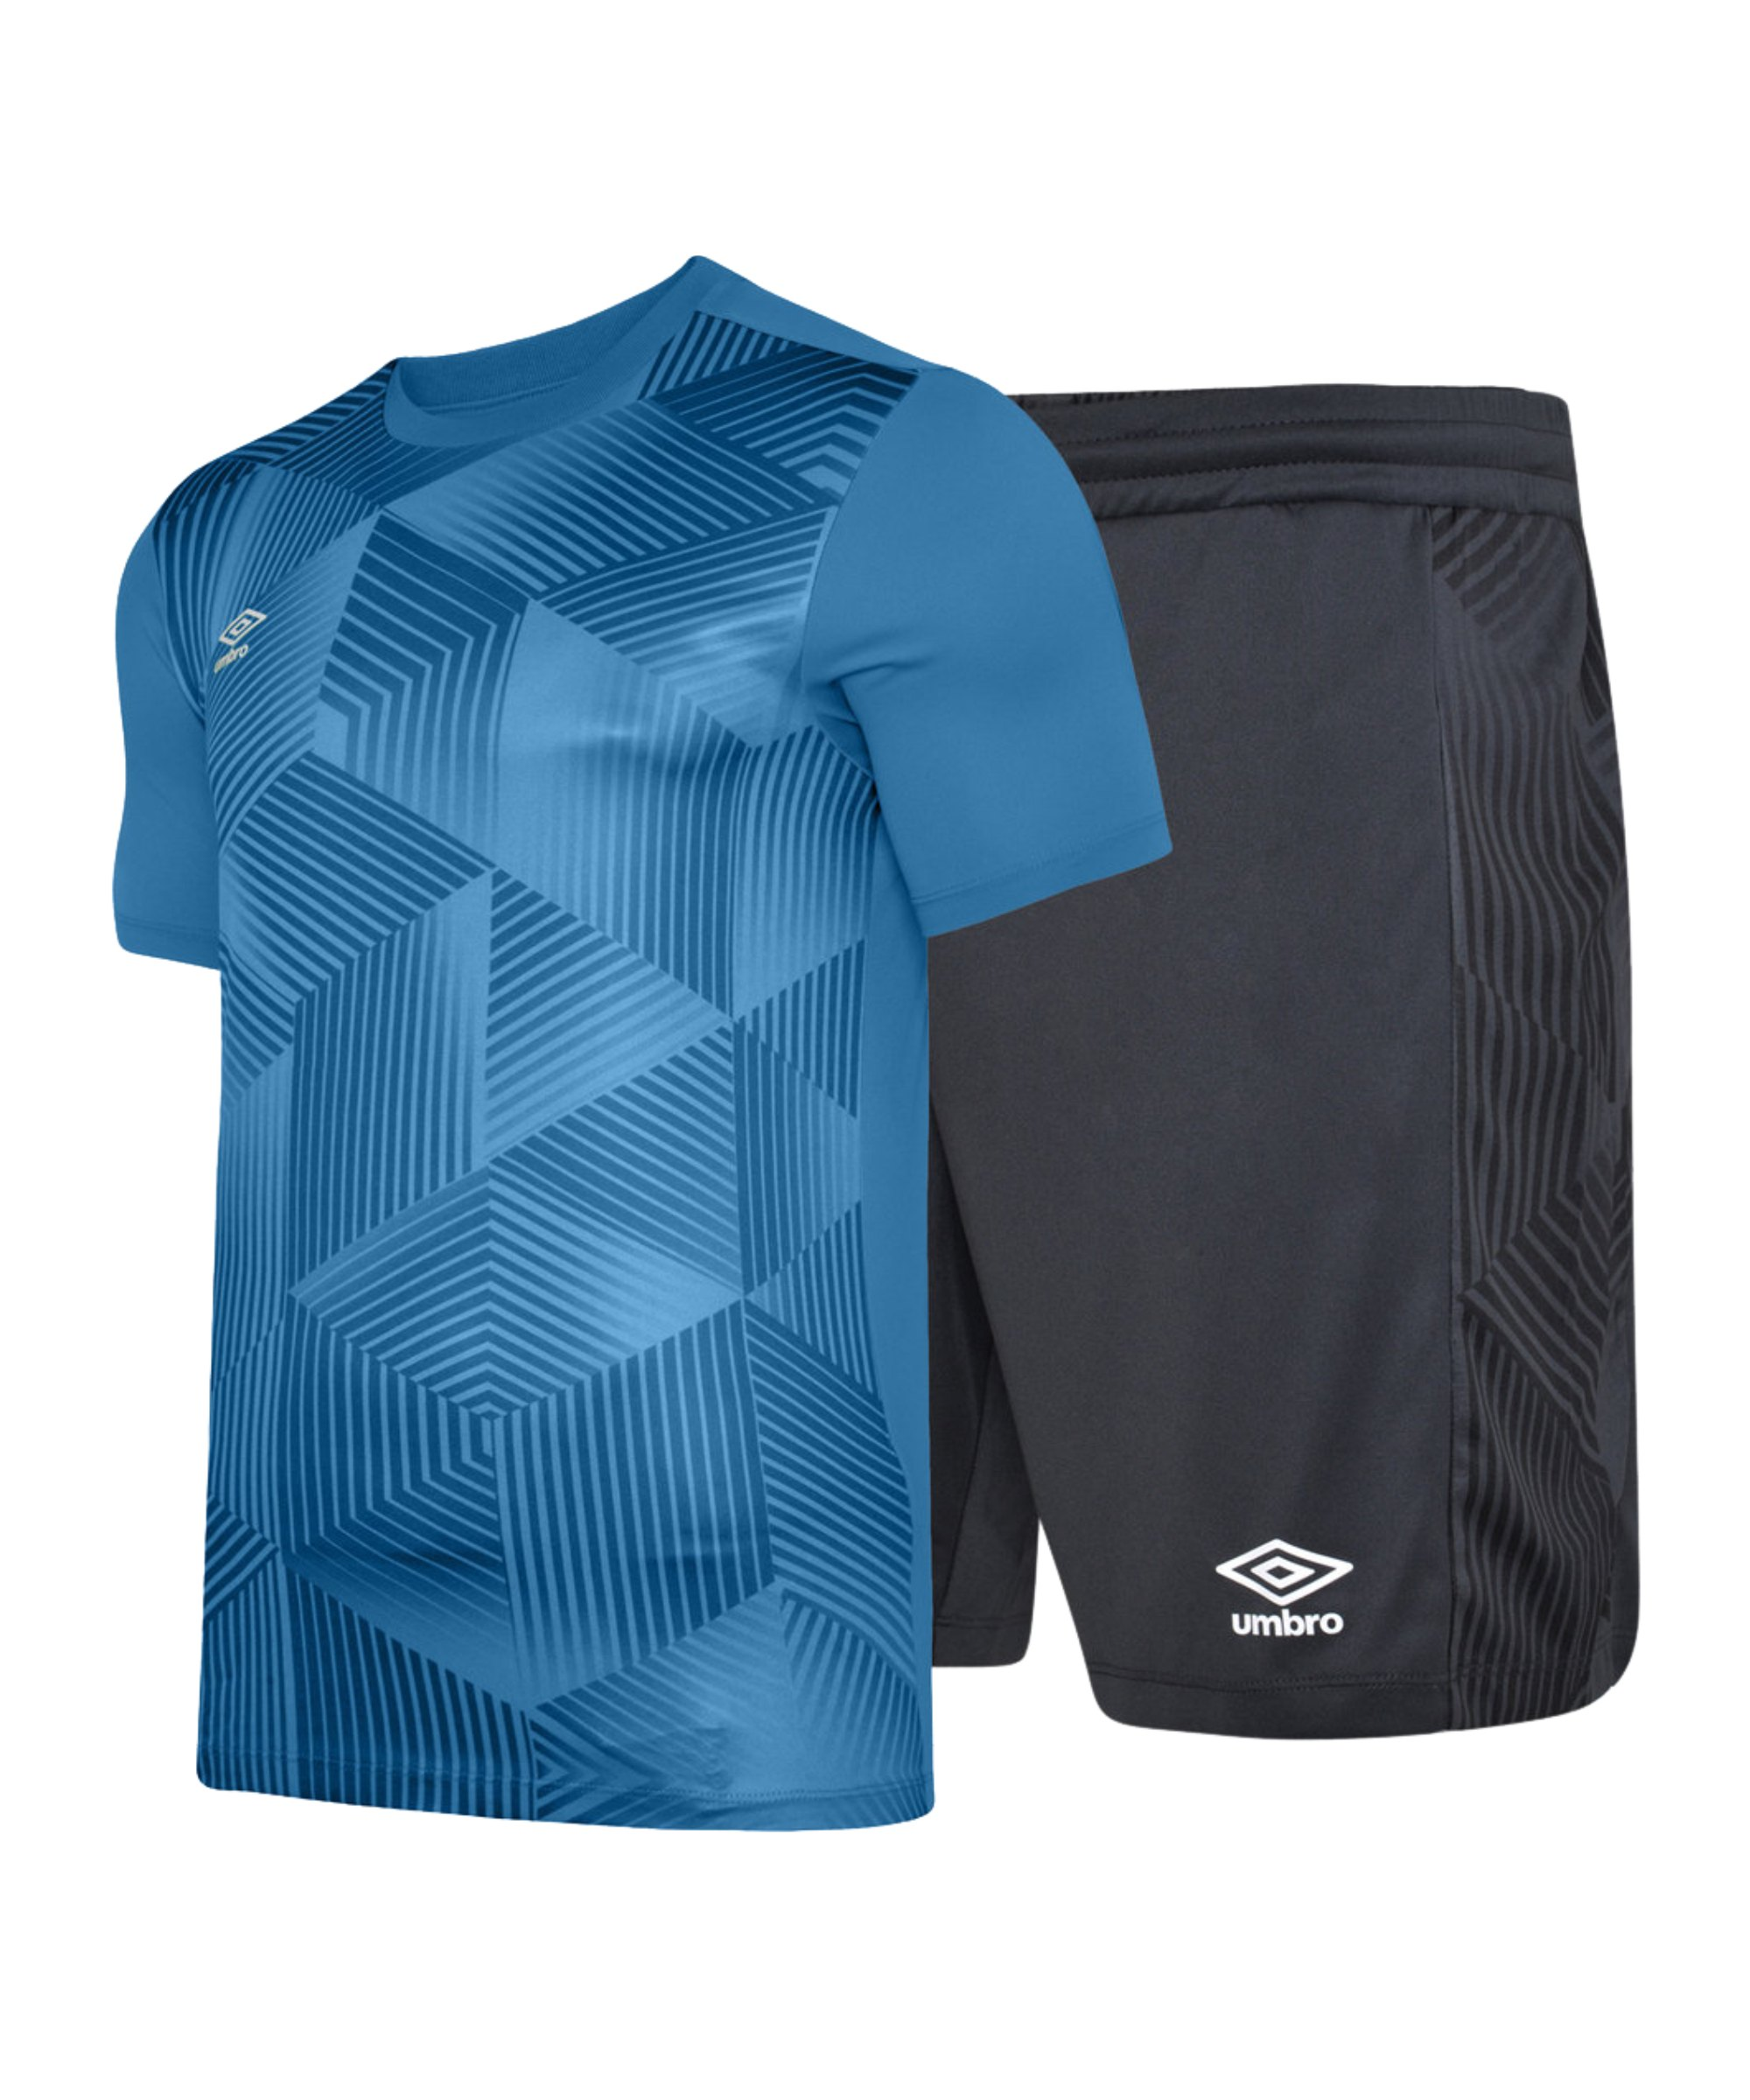 Umbro Maxium Kit Set Kids Blau Schwarz FKZ3 - blau